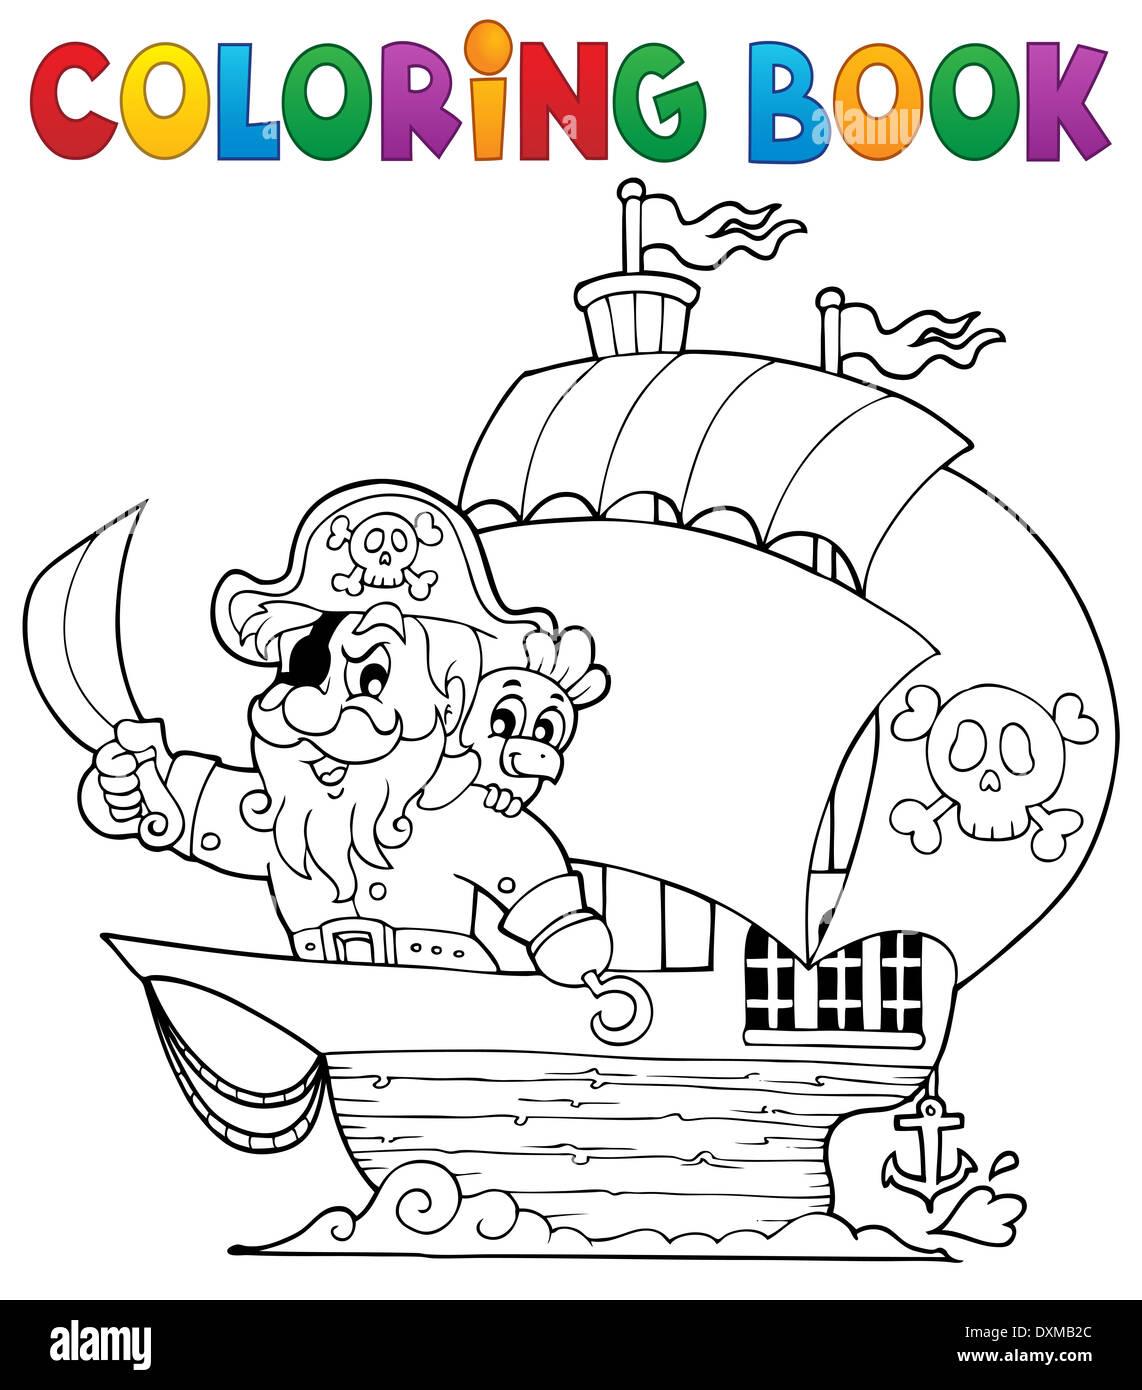 Libro Para Colorear Con Barco Pirata Imagen 1 Ilustración